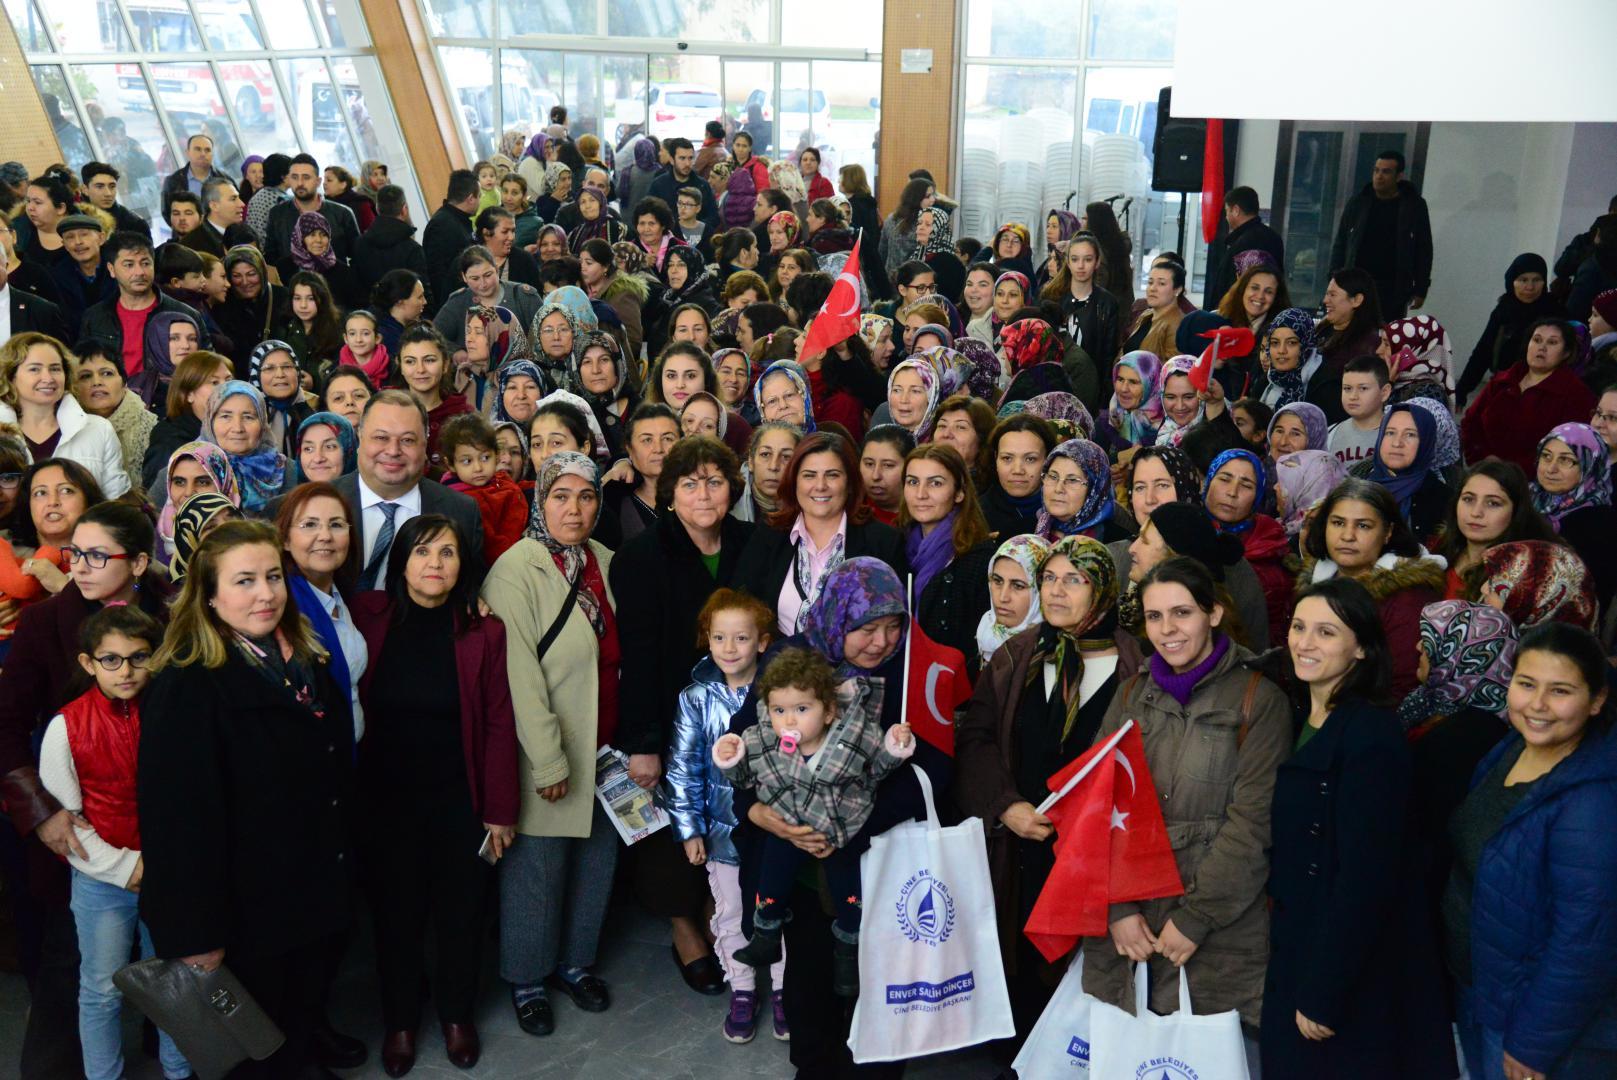 Çine Haberleri: Başkan Çerçioğlu, Çineli kadınlarla buluştu 58